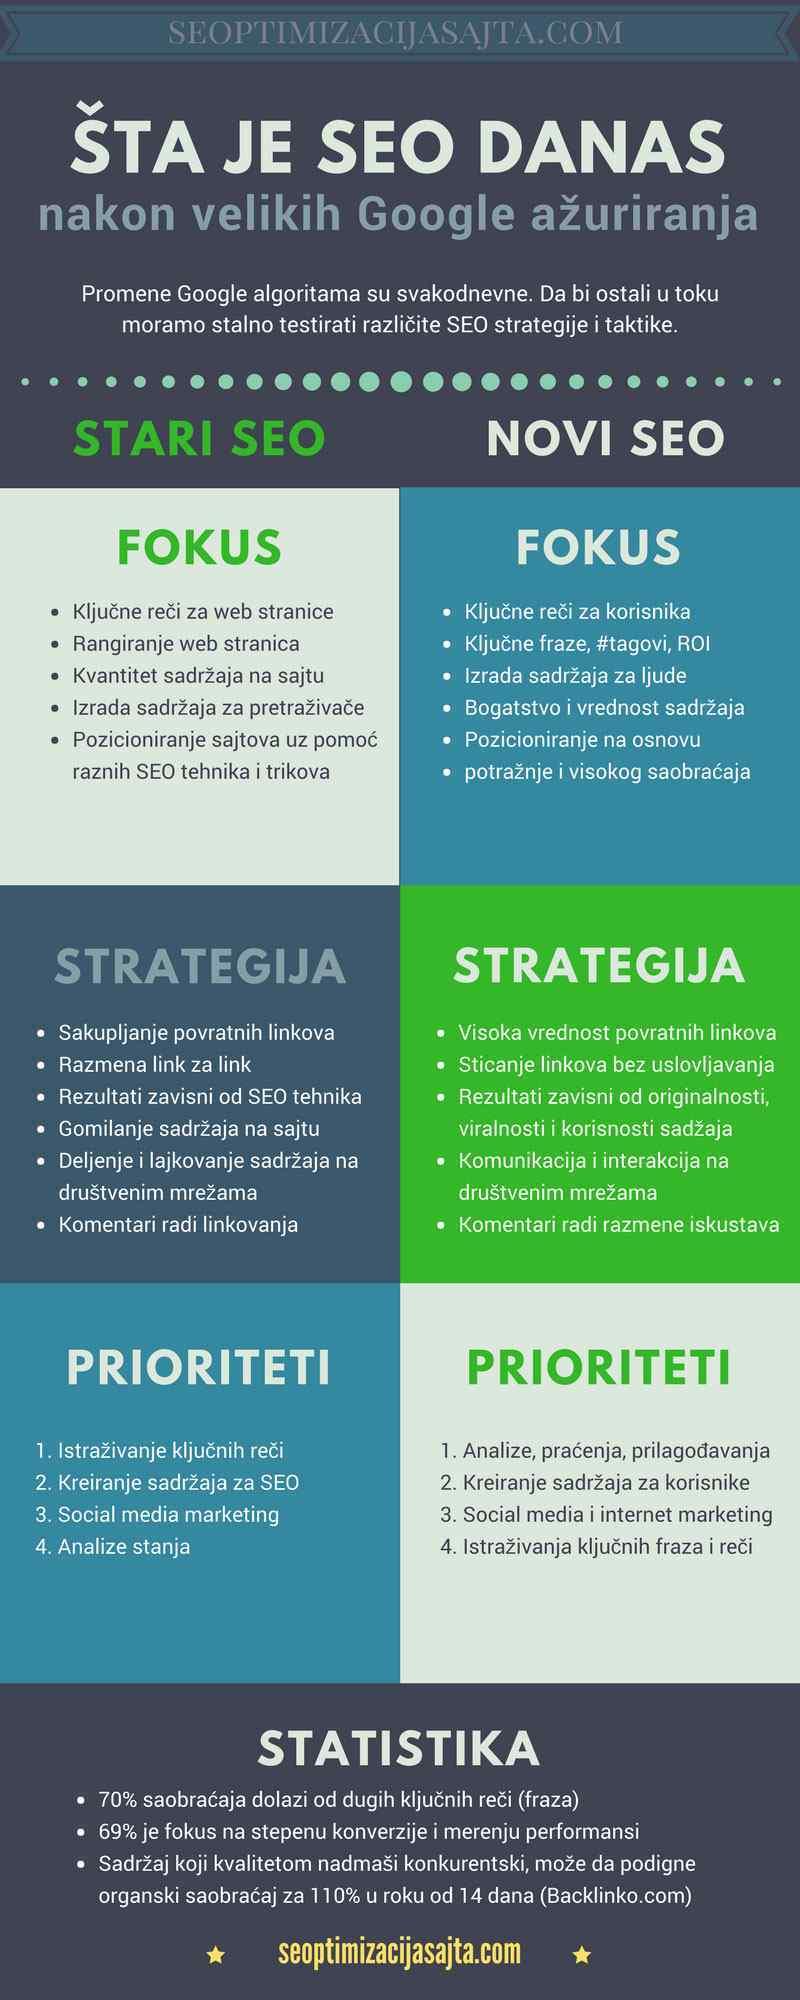 Šta je SEO optimizacija danas - infografika